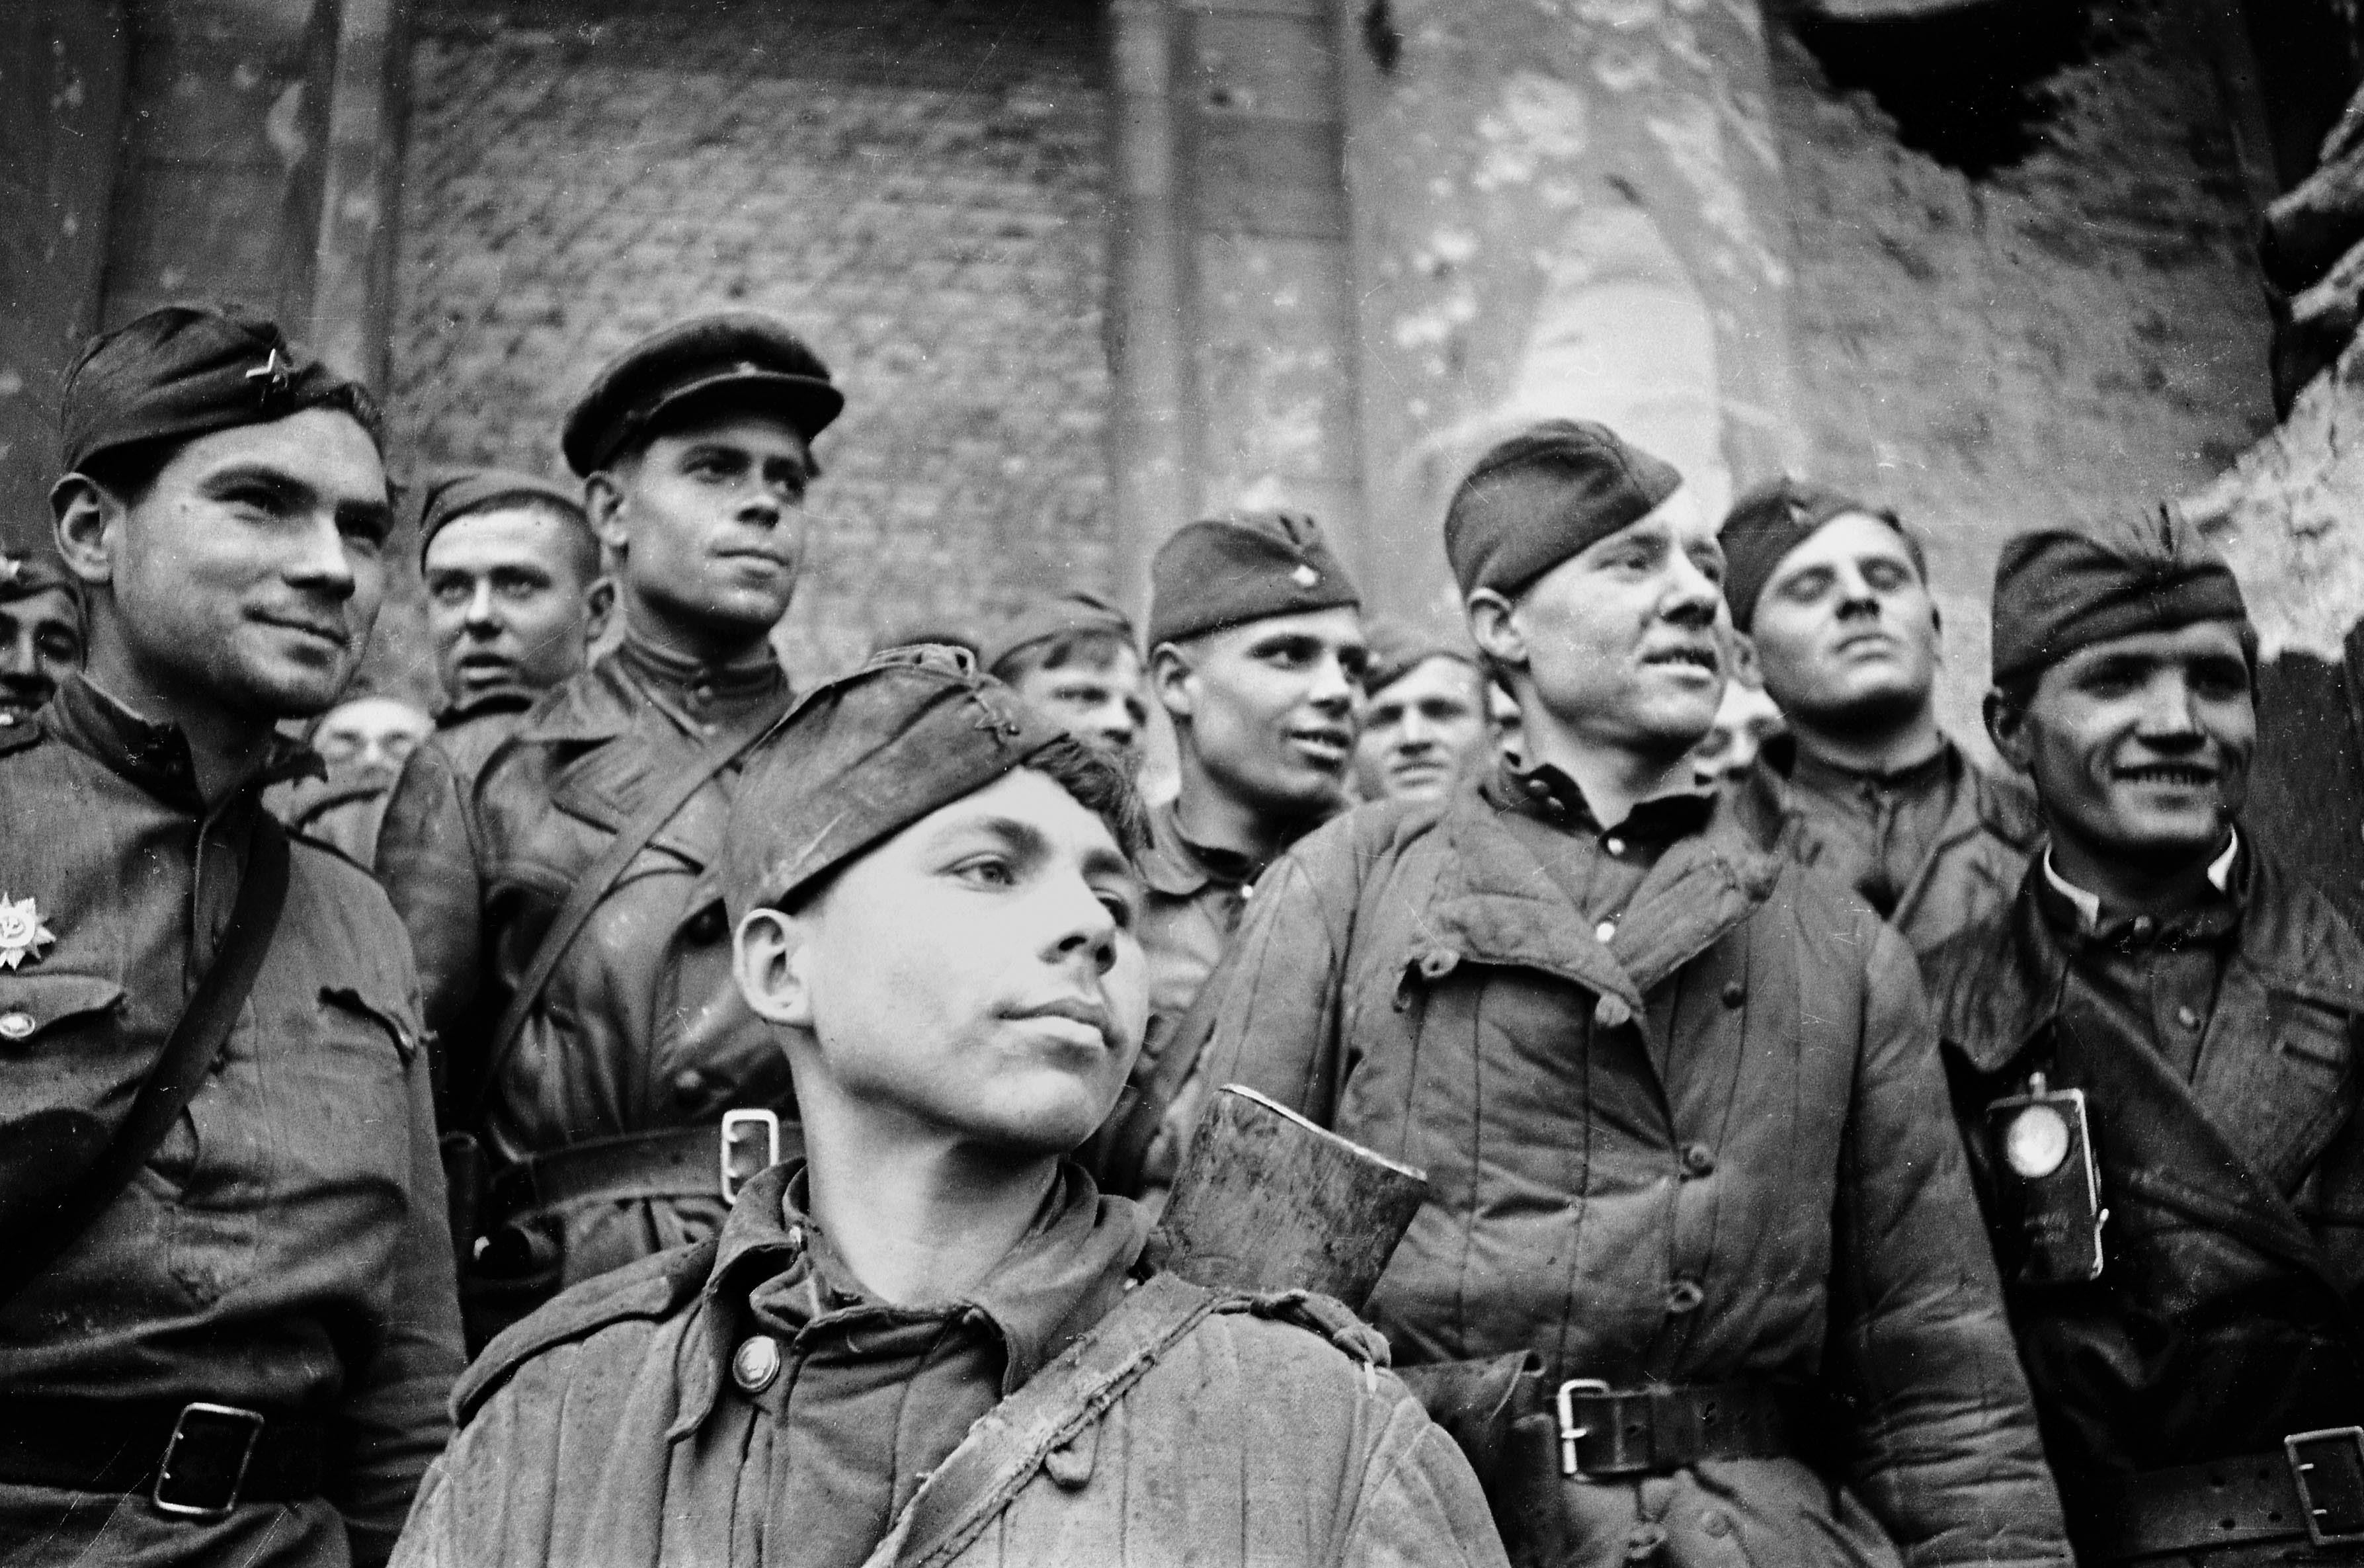 Картинки военного солдата вов, племянника открытки фото